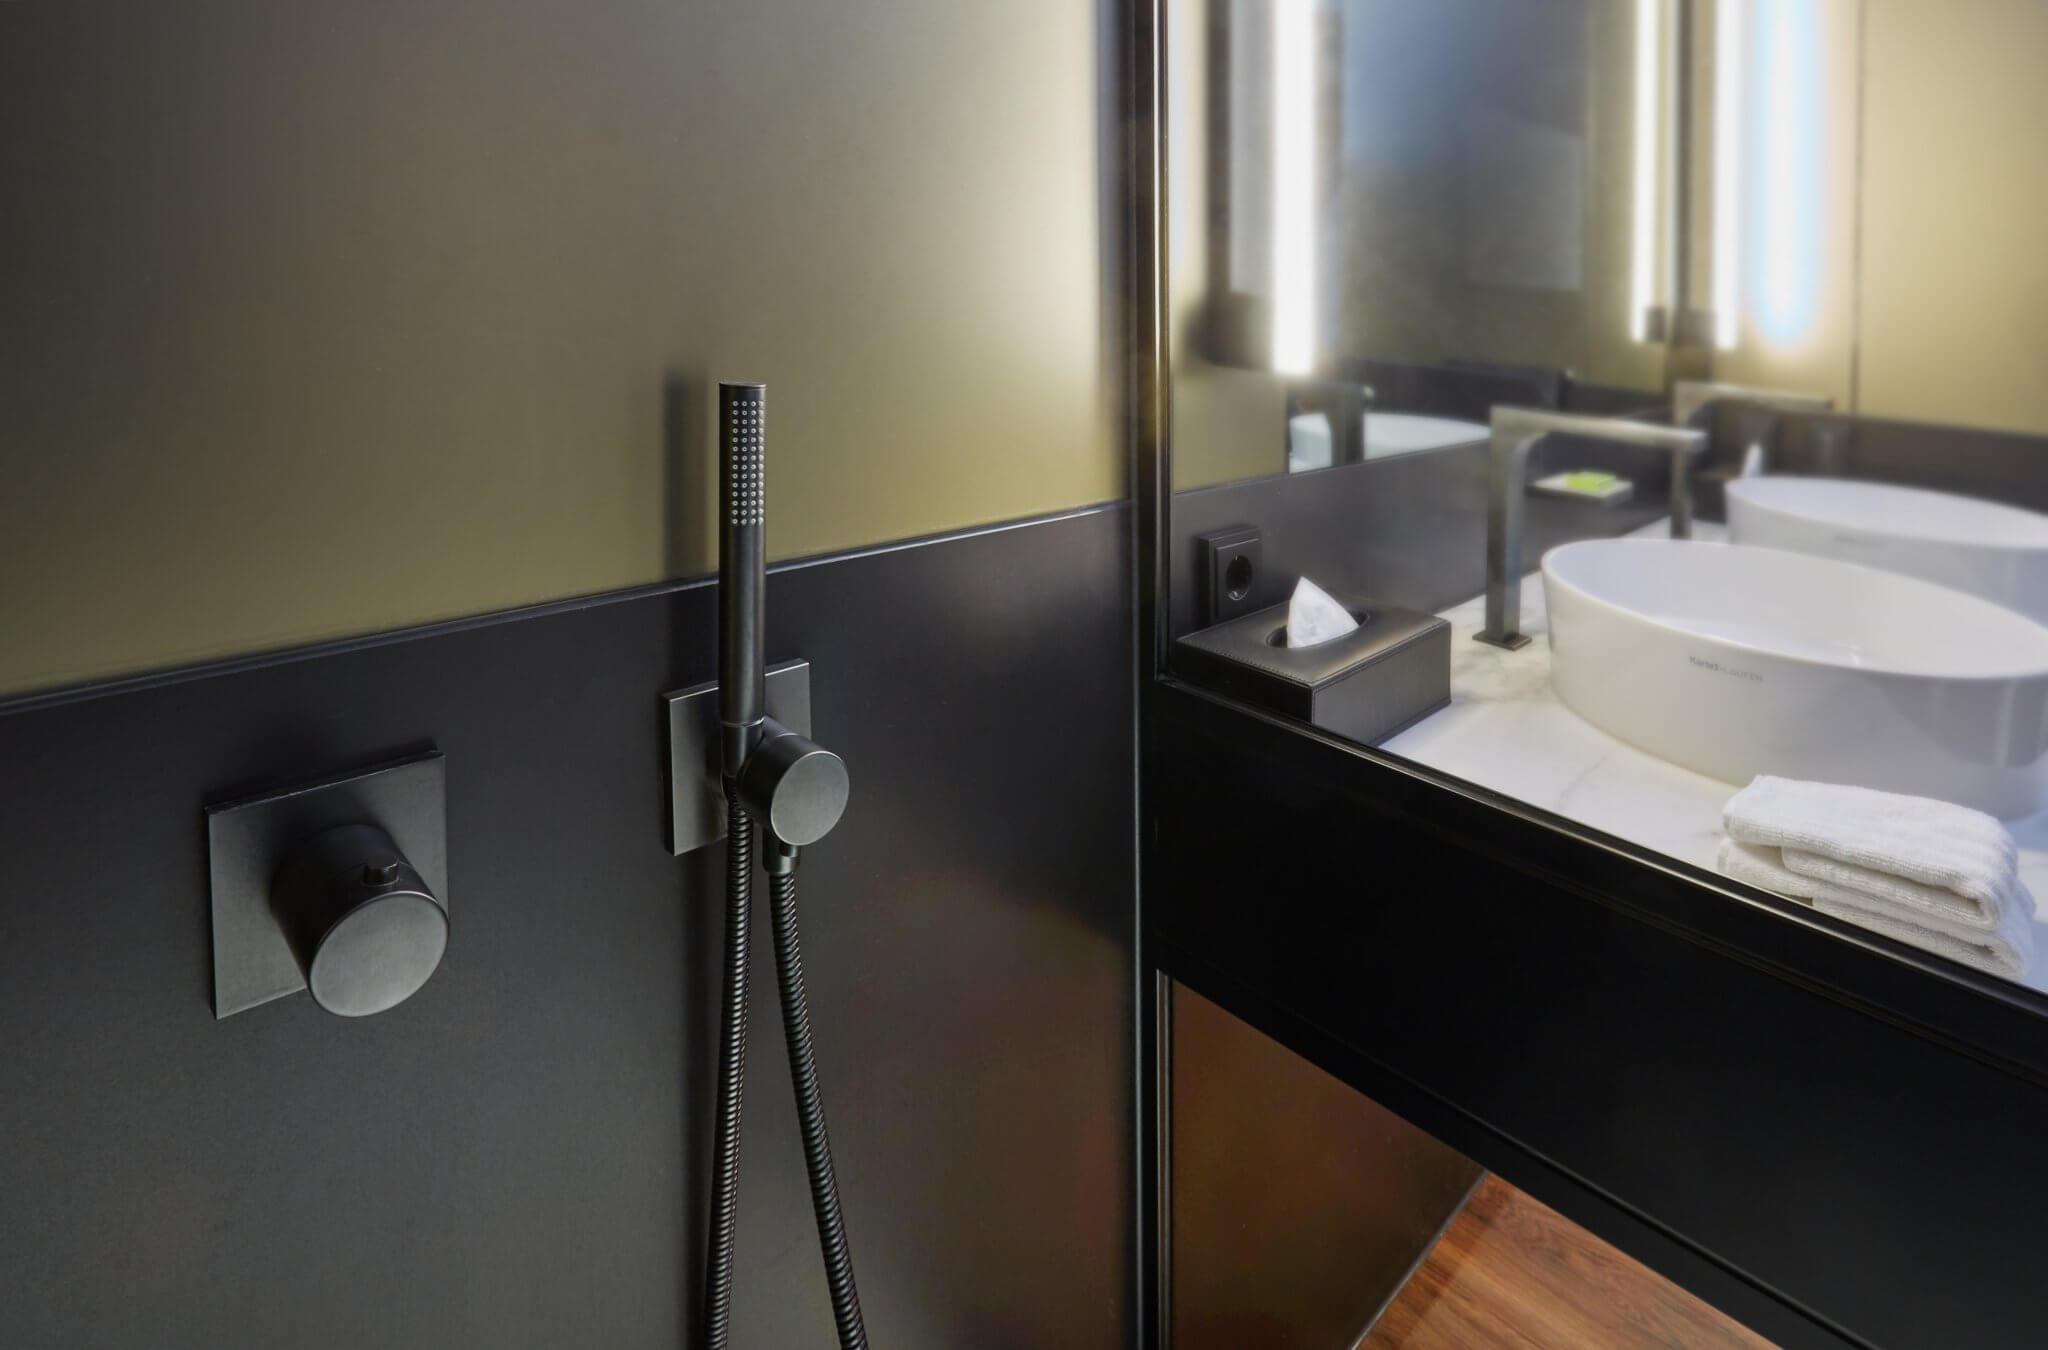 Duscharmaturen im Badezimmer